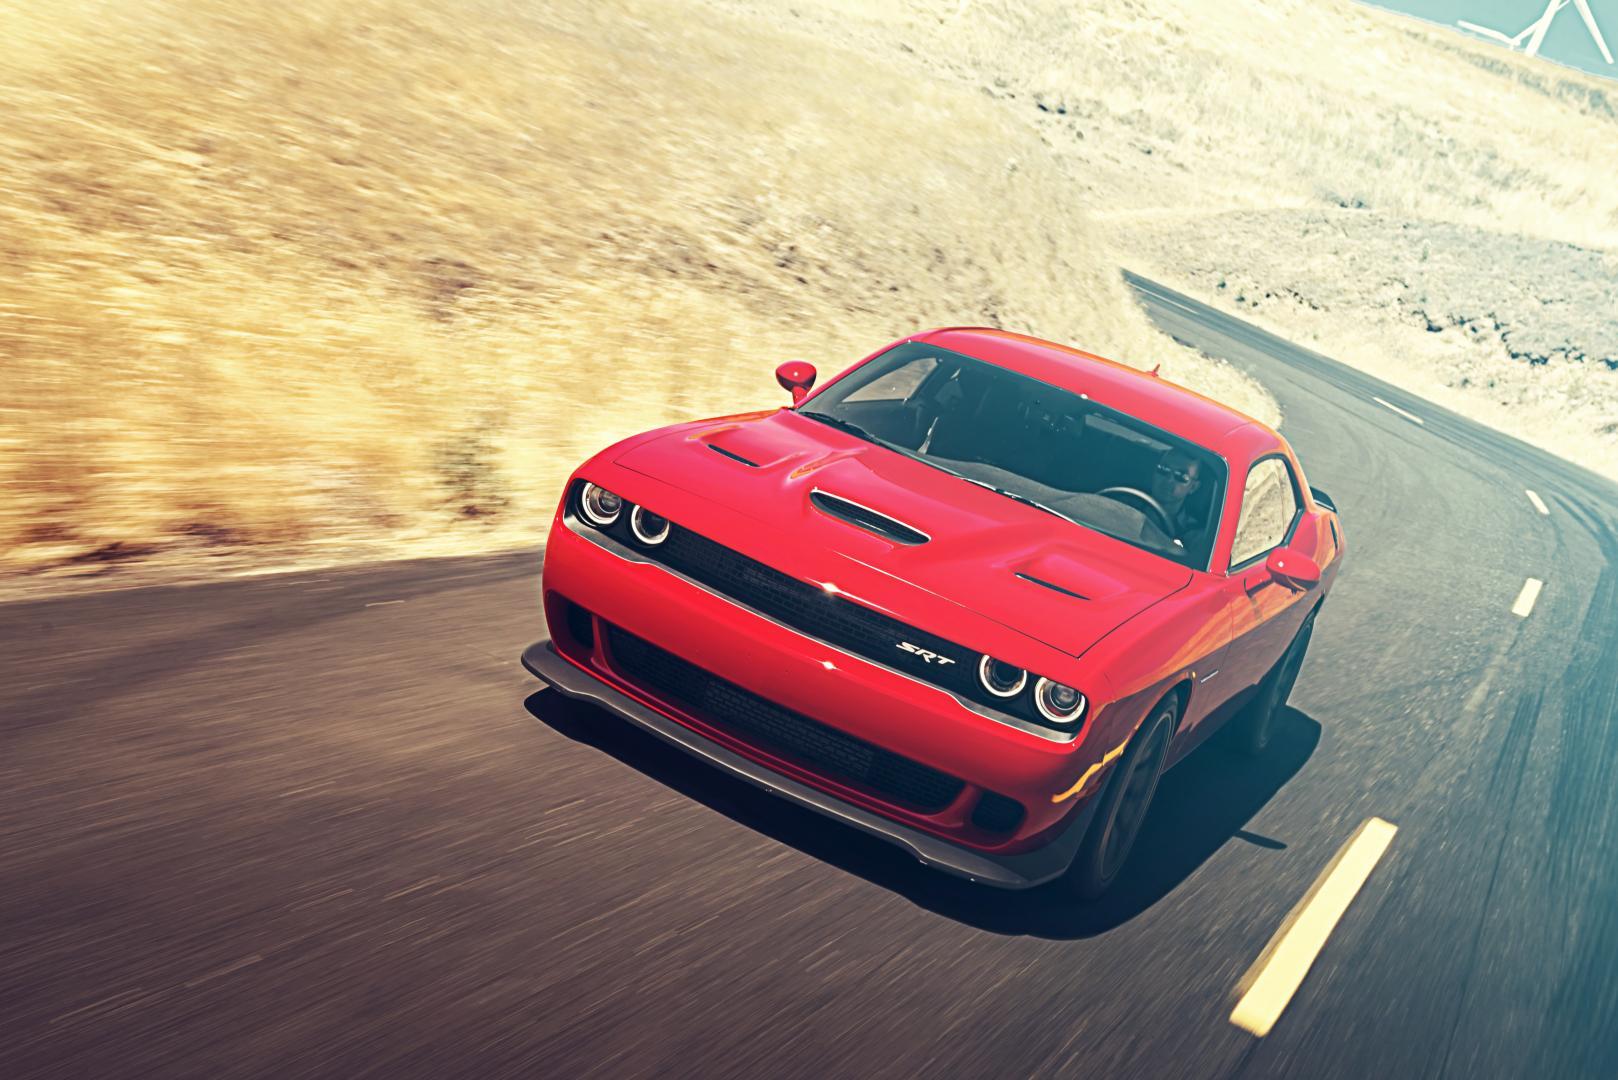 dodge challenger hellcat redeye te koop De motor uit de Dodge Hellcat is nu los te koop - TopGear